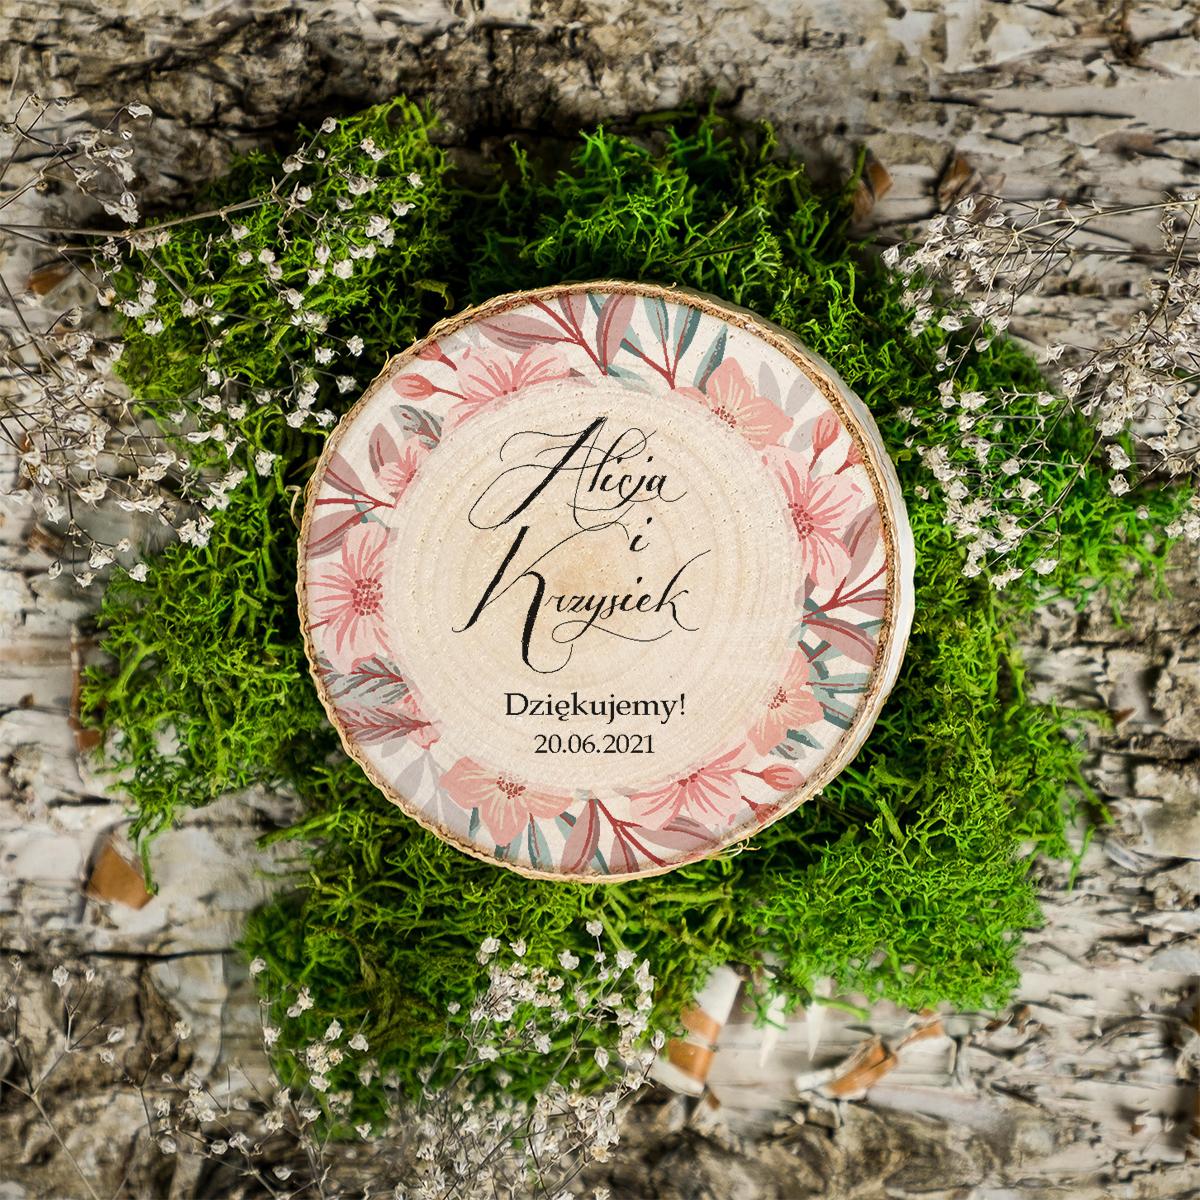 Magnes na plastrze brzozy - Pudrowe kwiaty